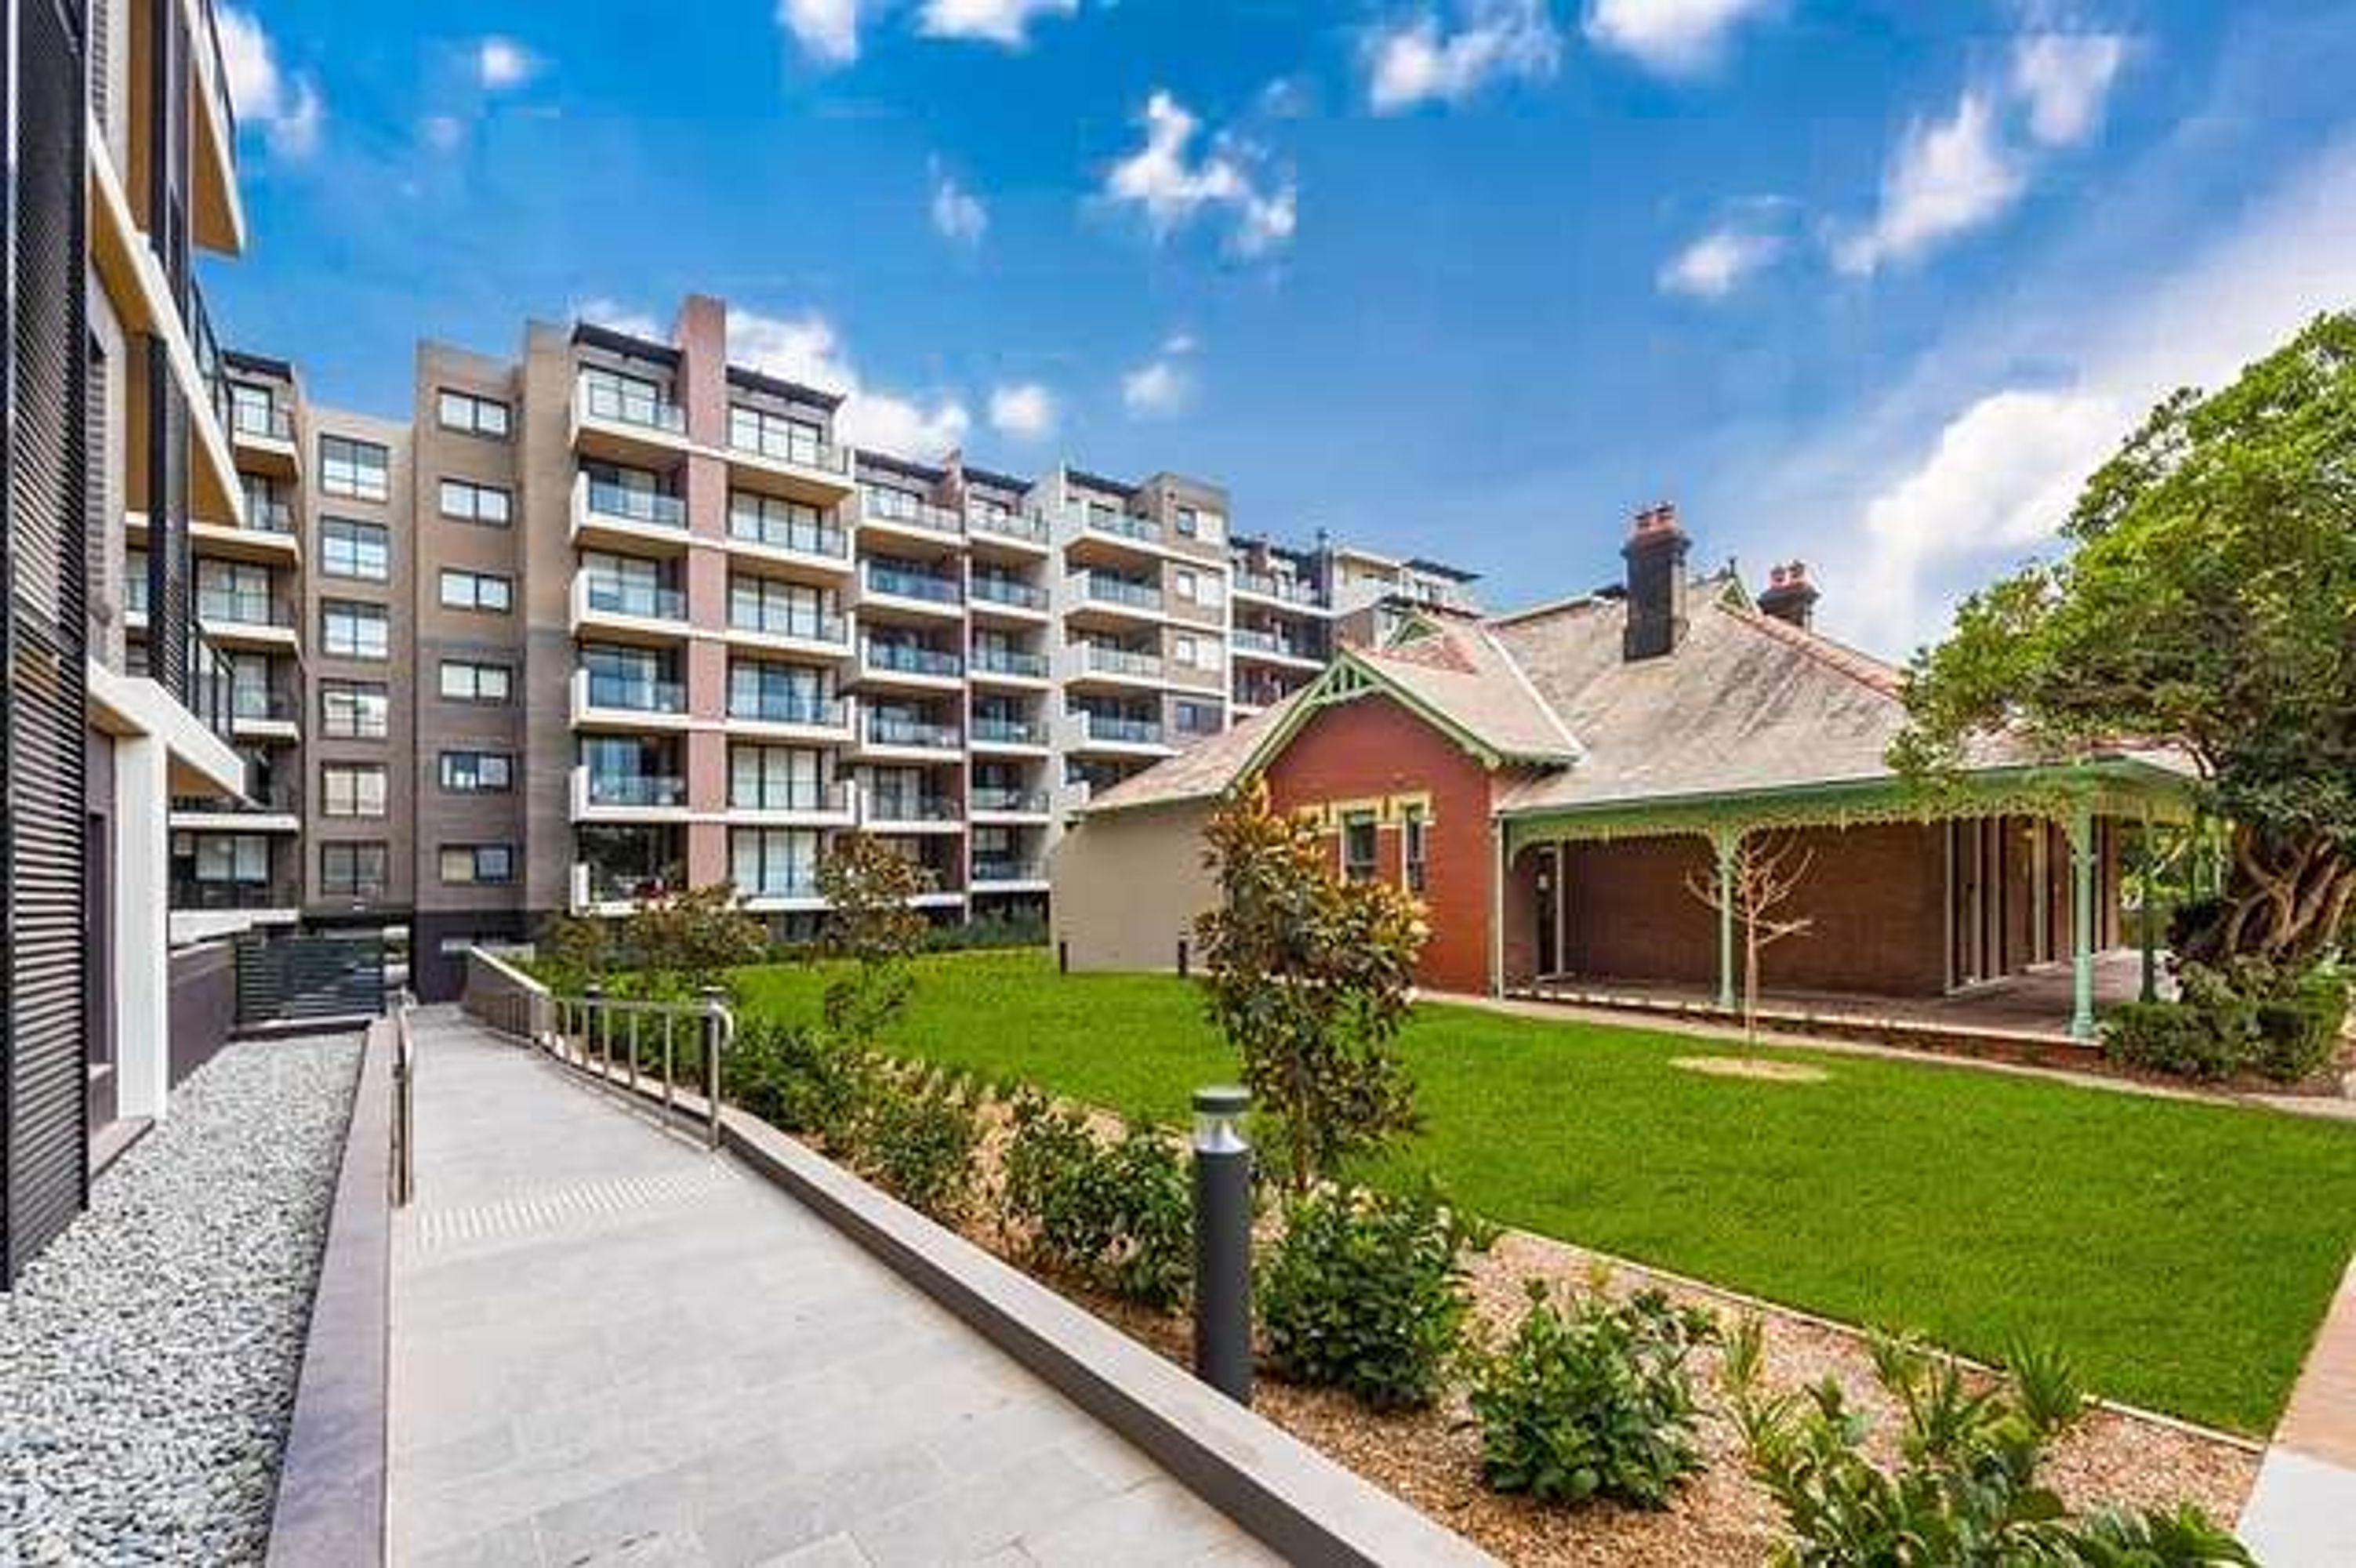 D4056/2D Porter Street, Ryde, NSW 2112